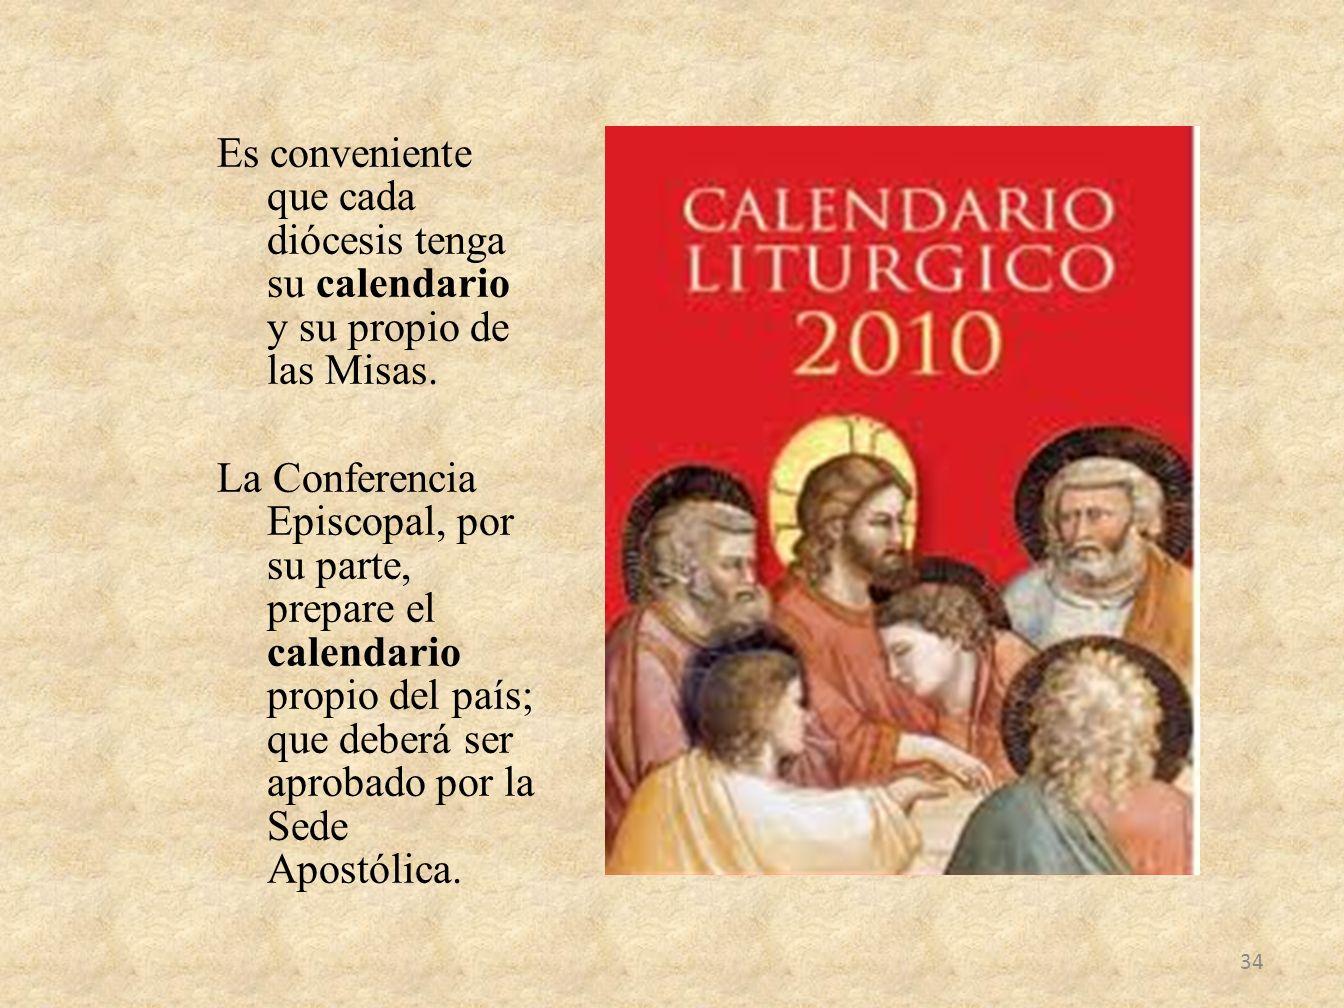 Es conveniente que cada diócesis tenga su calendario y su propio de las Misas.